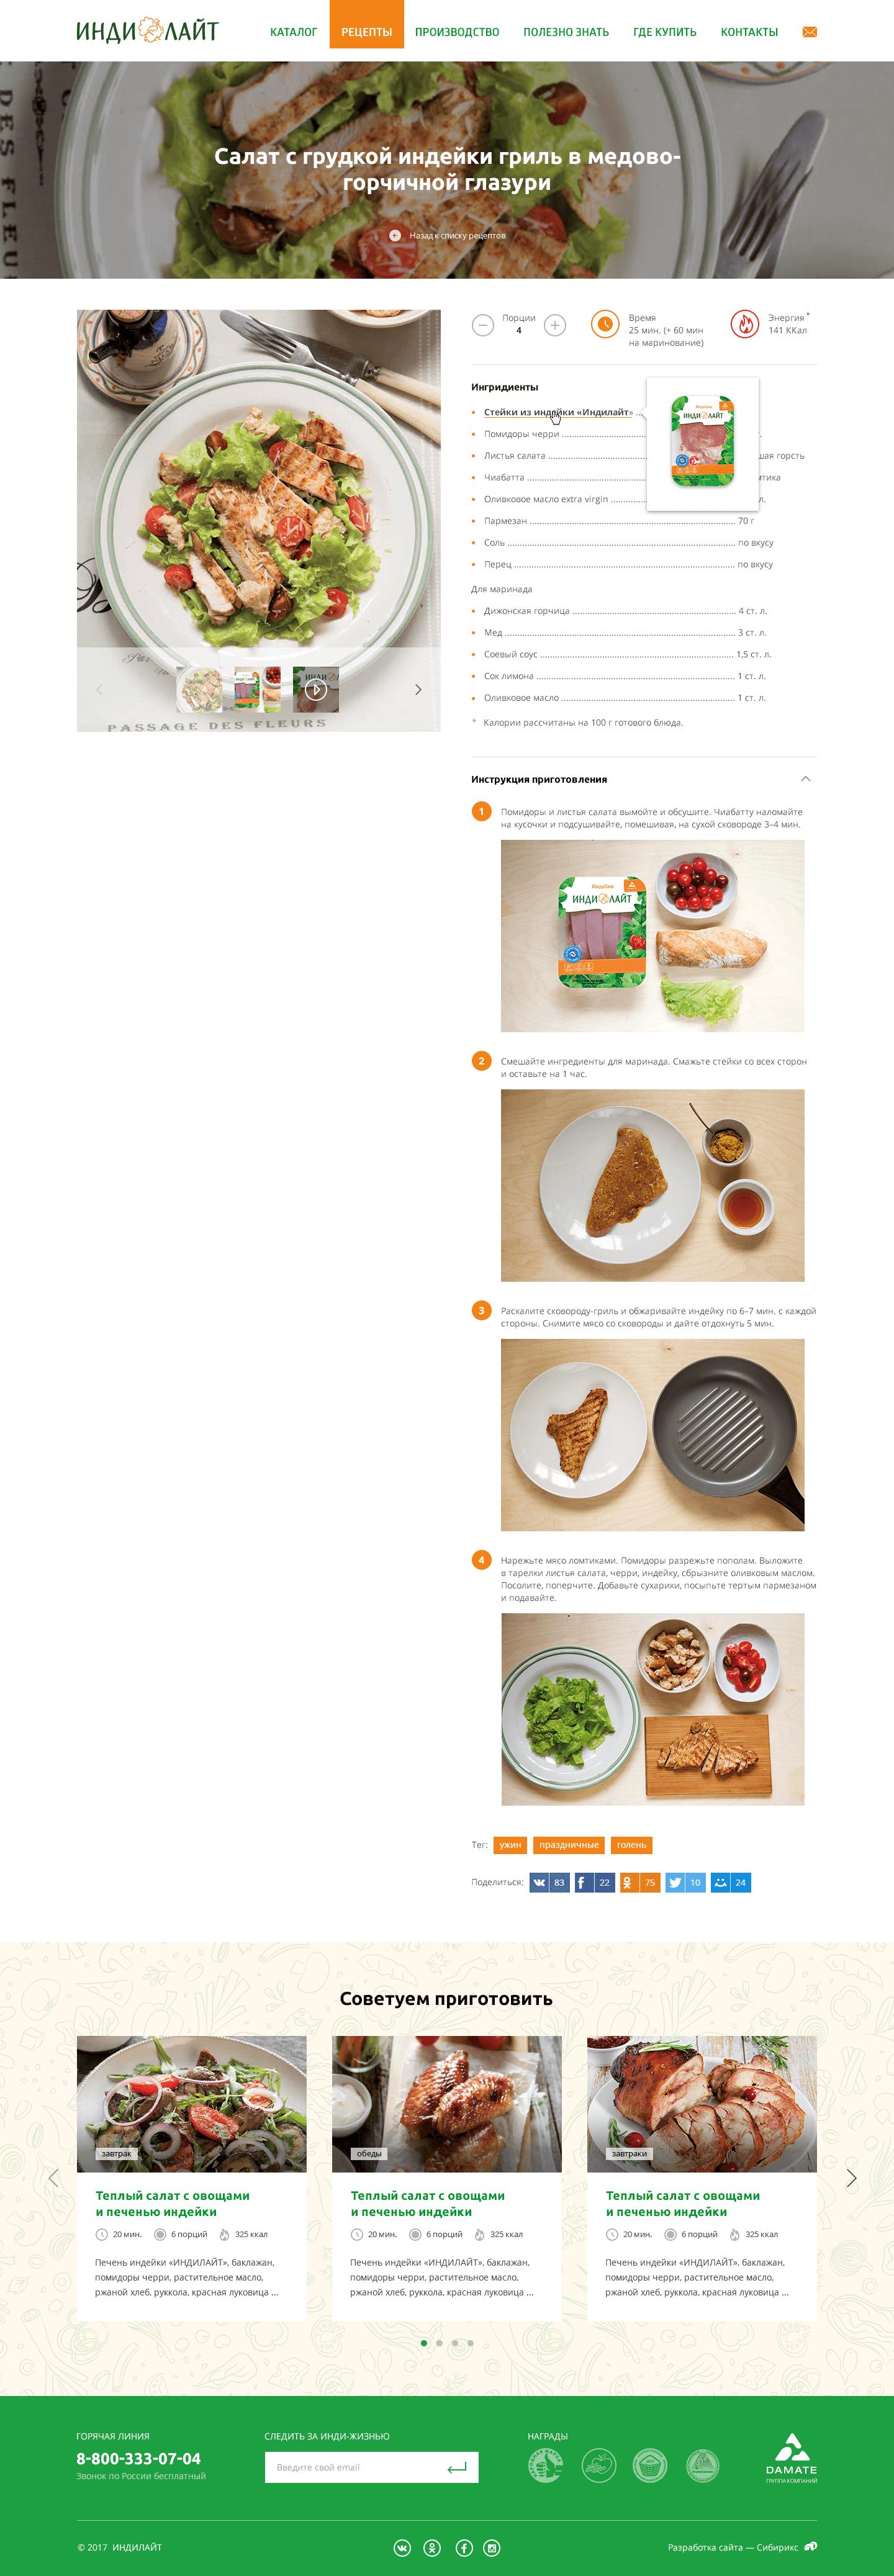 <p><b>Рецепты</b></p><p>В&nbsp;разделе рецептов мы&nbsp;продумали множество мелочей: привязали в&nbsp;блок ингредиентов продукты из&nbsp;каталога; добавили калькулятор ингредиентов, чтобы не&nbsp;пришлось мучительно умножать в&nbsp;уме ложки, стаканы и&nbsp;штуки на&nbsp;количество порций; закрепили фотографию блюда слева, чтобы можно было скроллить этапы приготовления, не&nbsp;теряя её из&nbsp;виду.</p>